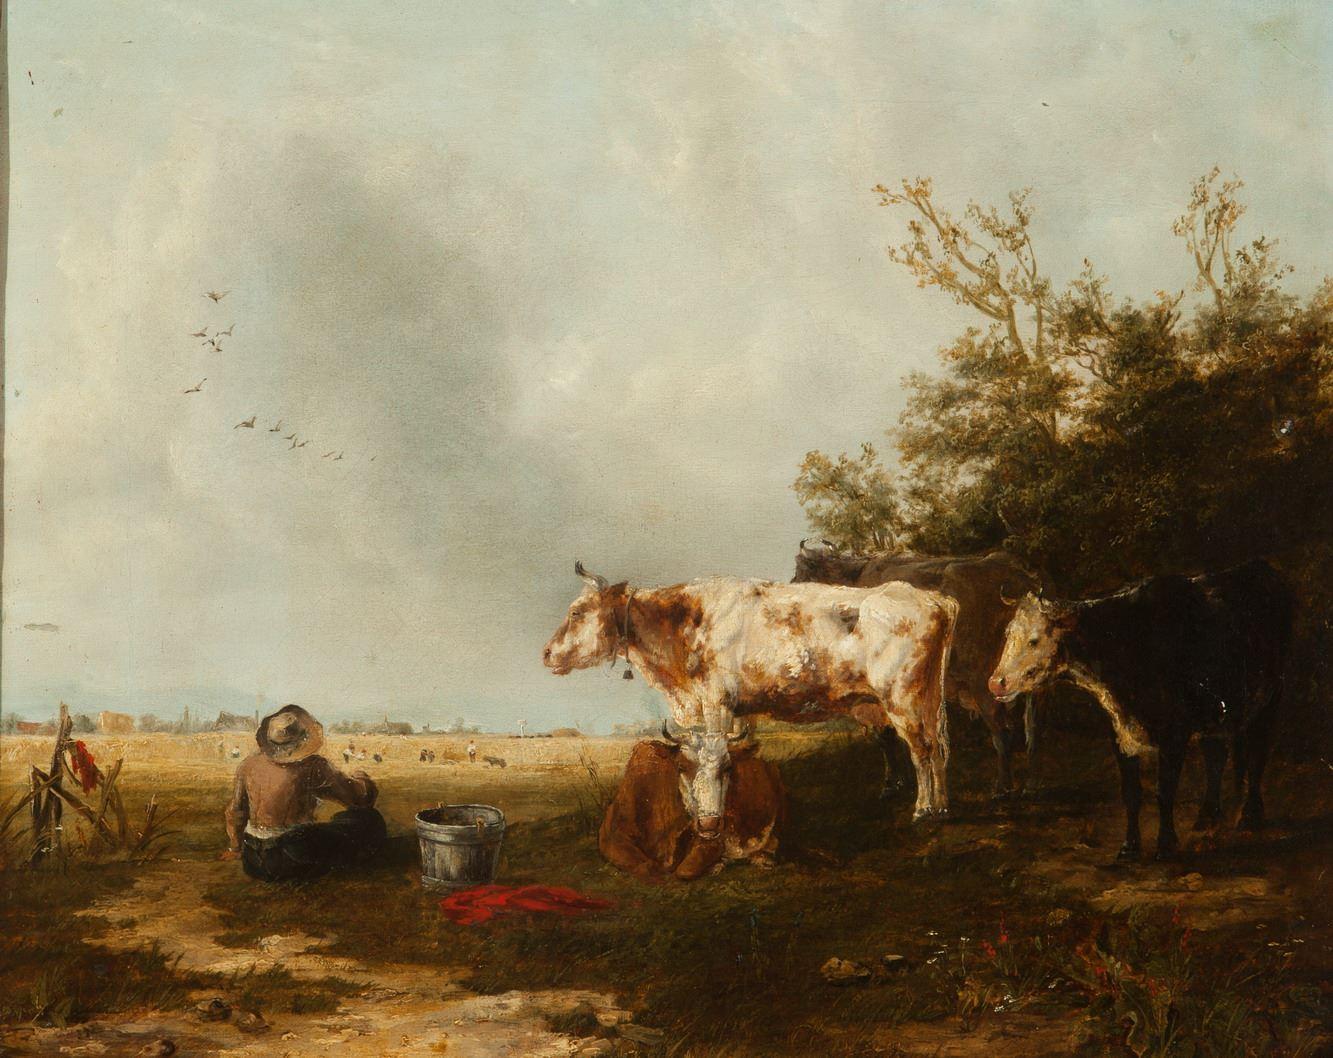 Landschap met koeien en een zittende figuur bij een bosrand